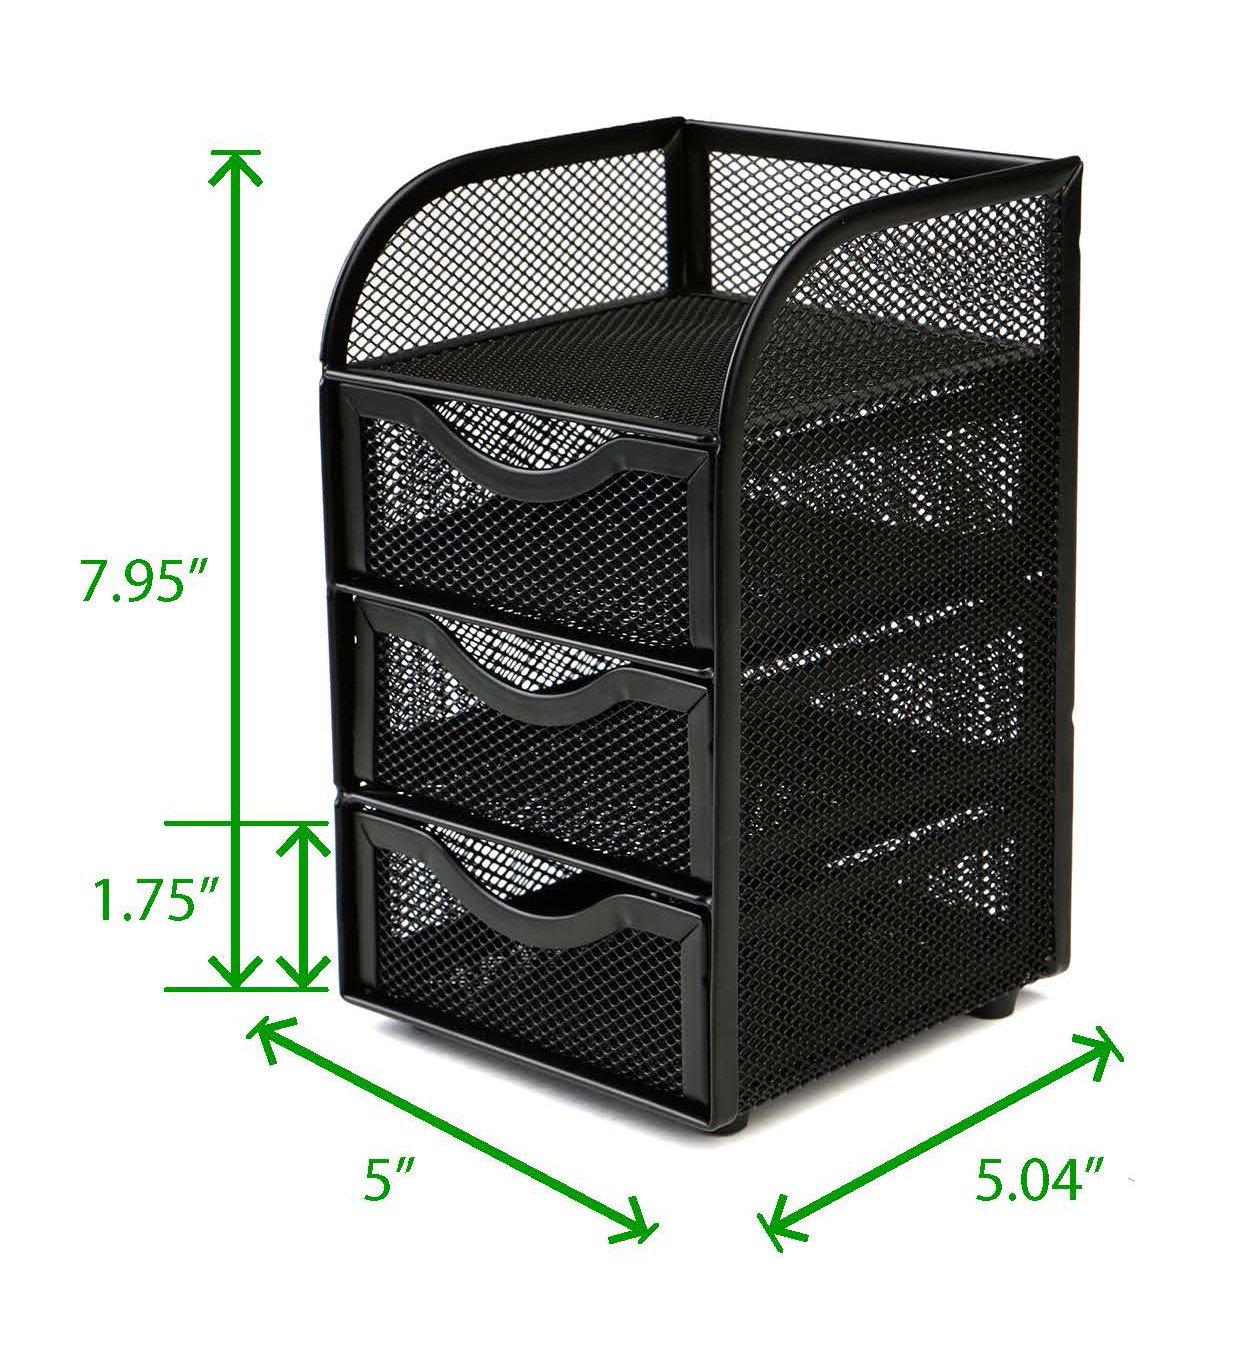 Mind Reader Mini Desk Supplies Office Supplies Organizer, 3 Drawers, 1 Top Shelf, Black